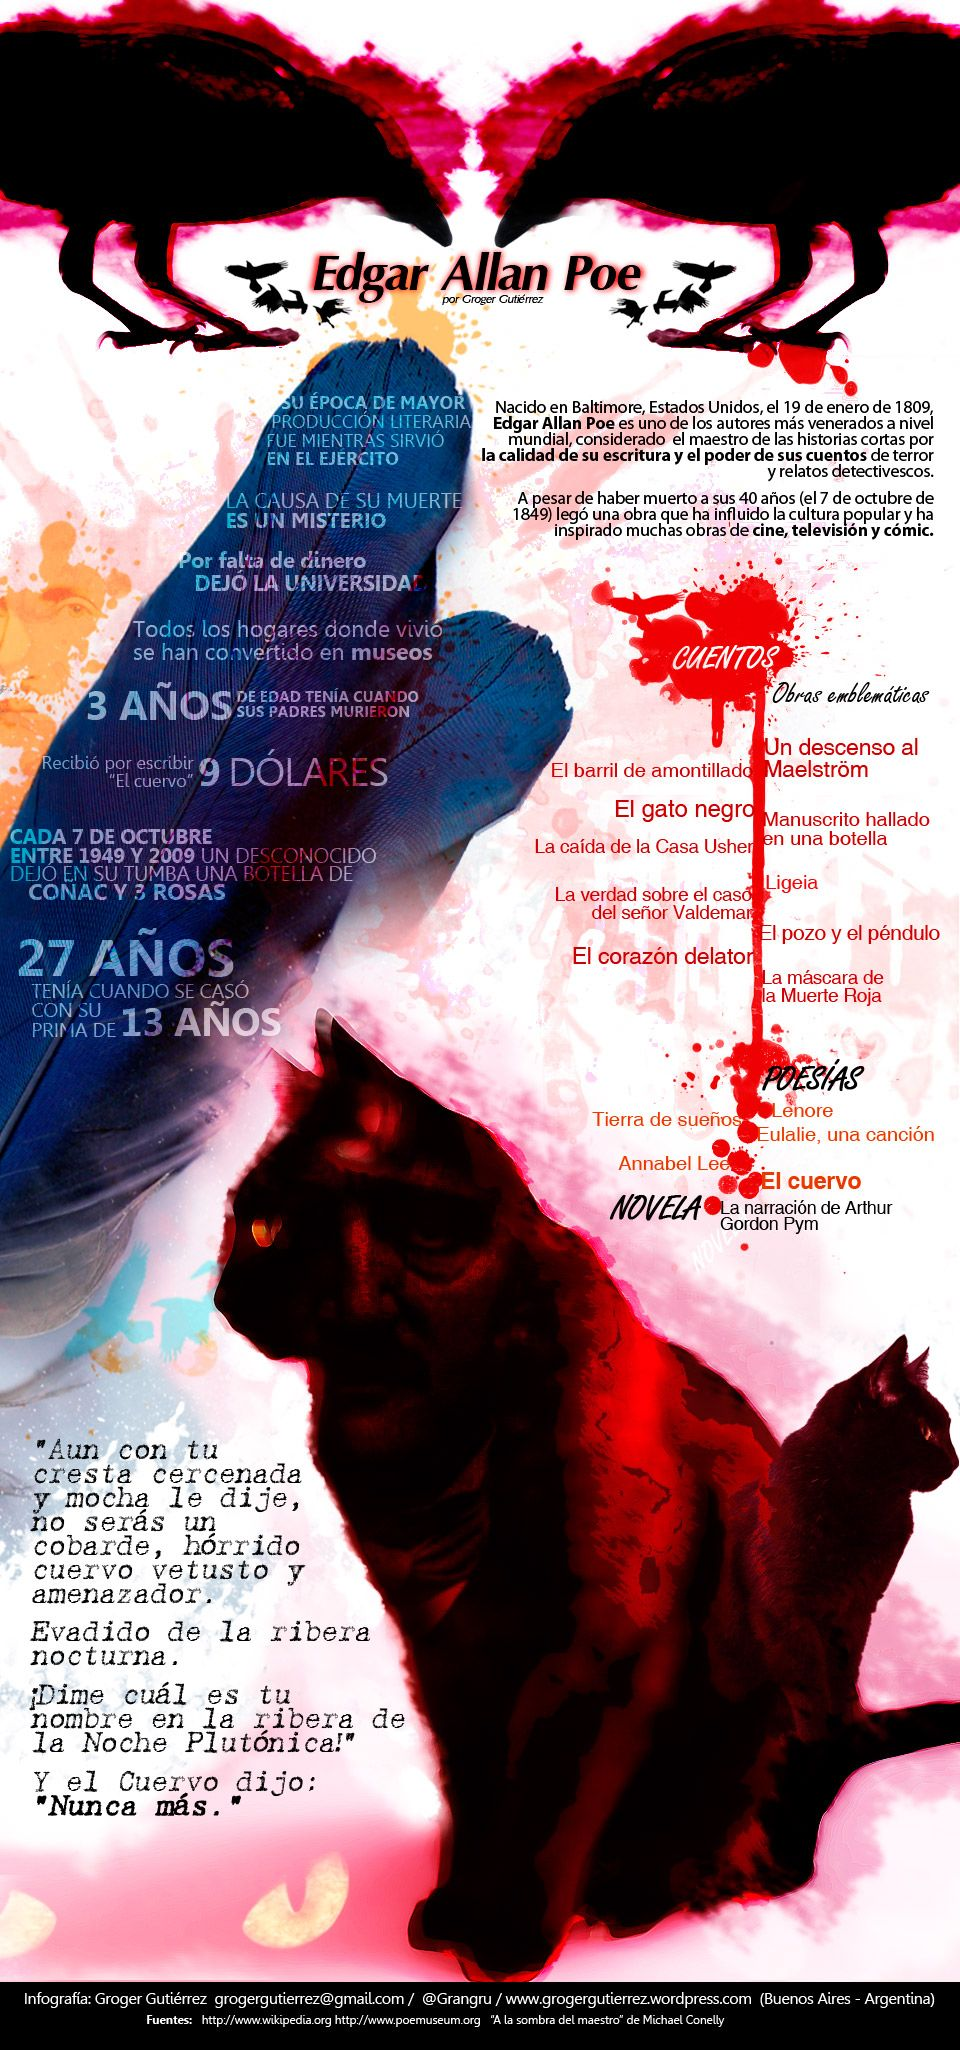 Edgar Allan Poe A 203 Anos De Su Nacimiento Infografia Edgar